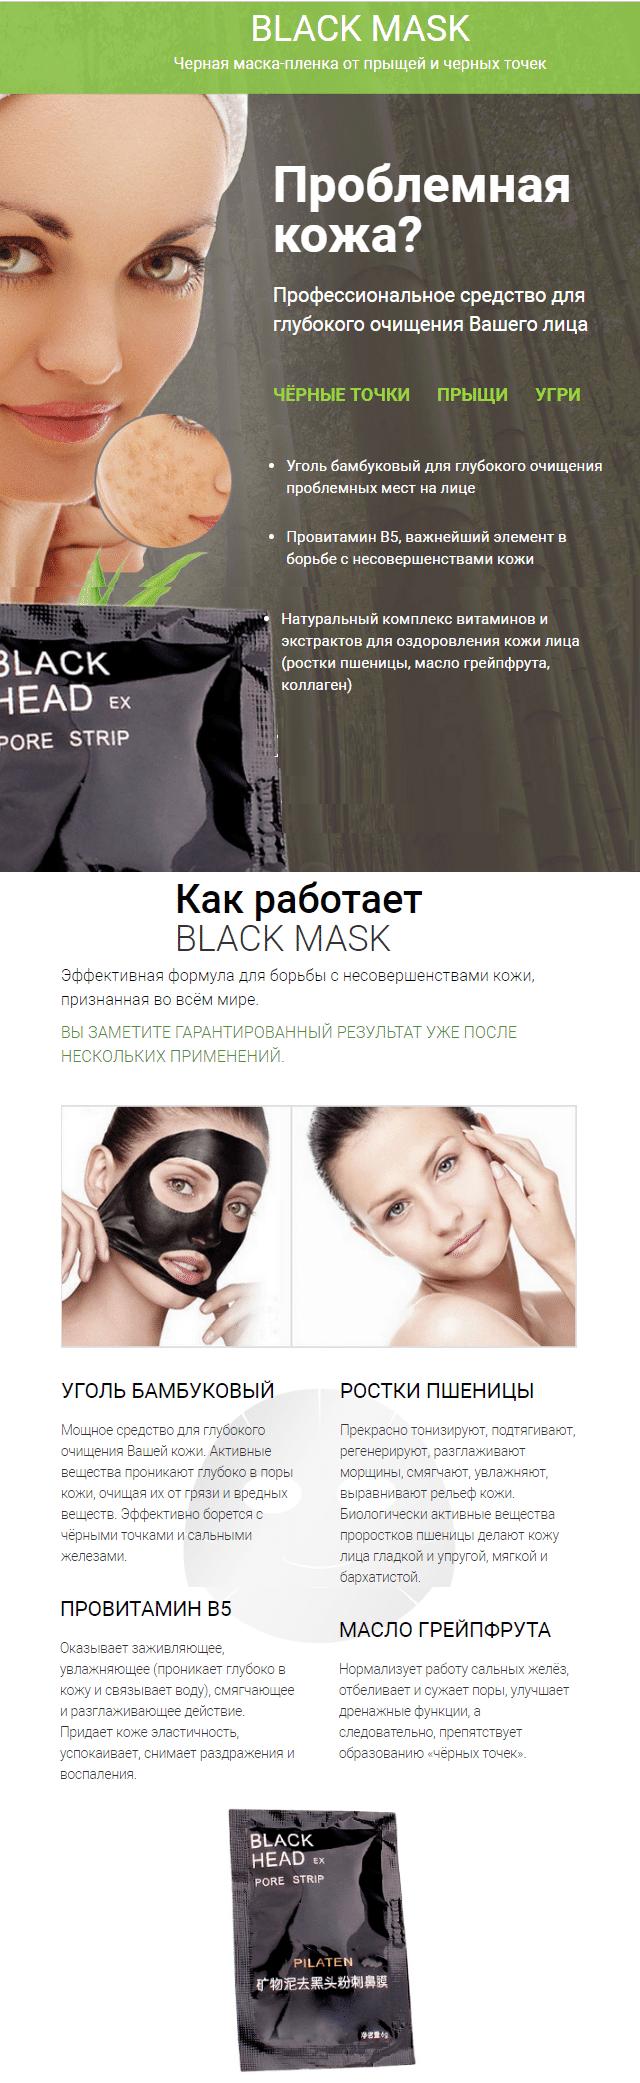 Маска от прыщей и черных точек Black Head pore strip pilaten - фото 1